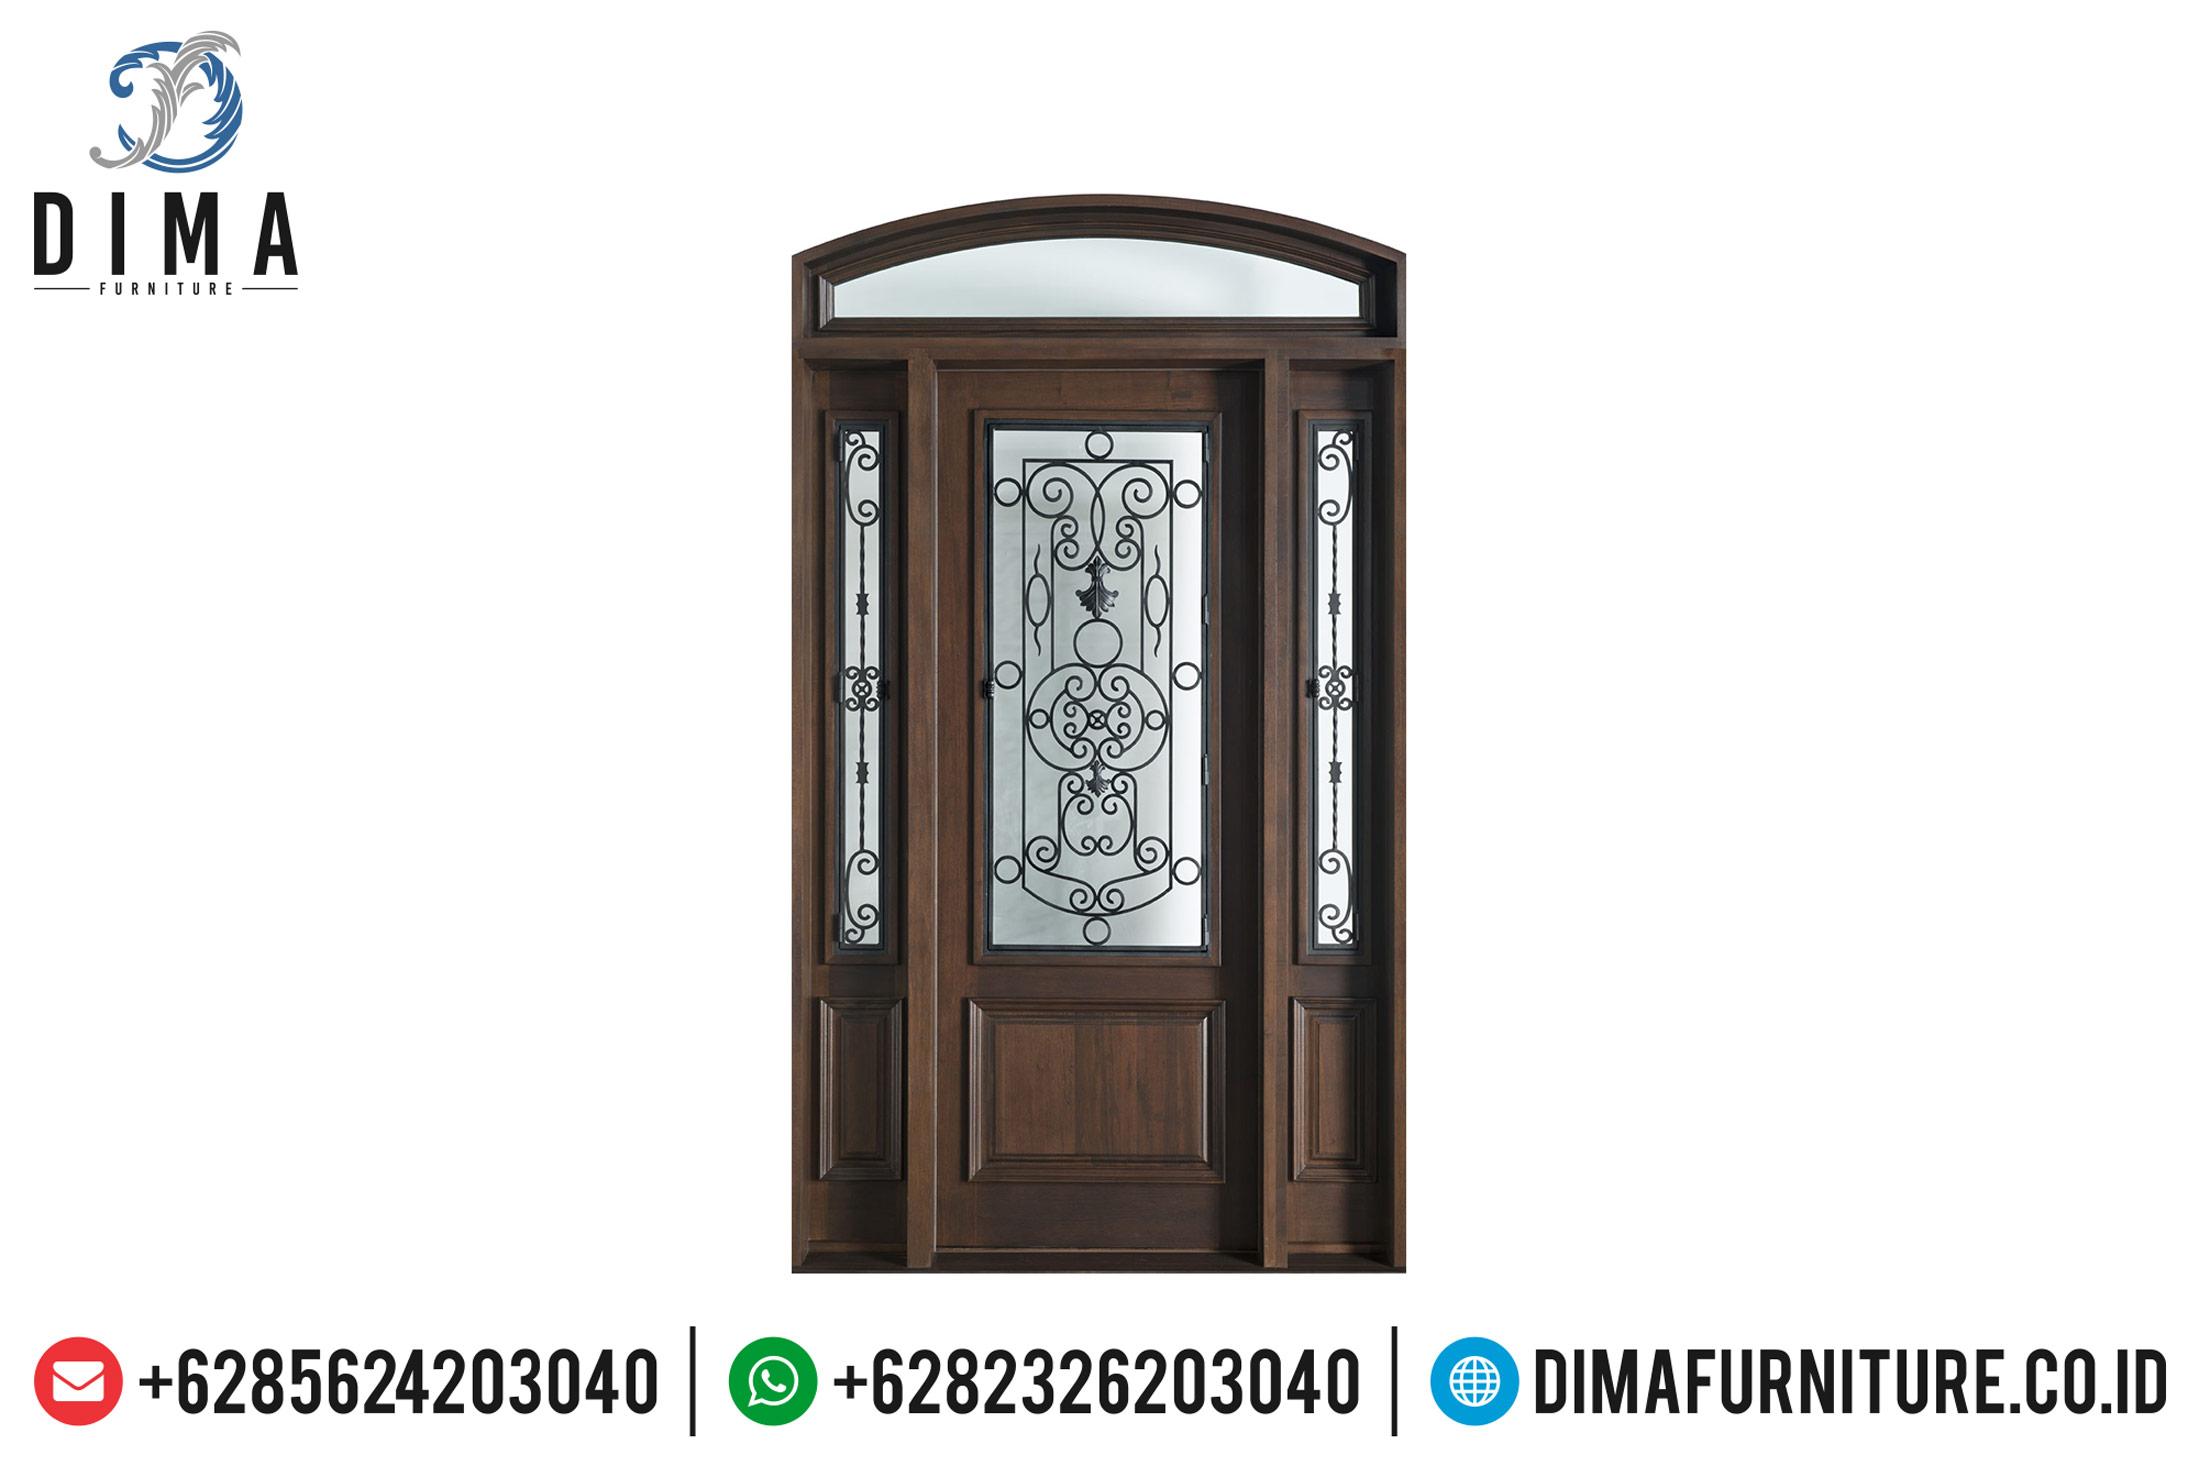 Desain Pintu Utama Kayu Jati Natural Minimalis Classic Jepara TTJ-0497